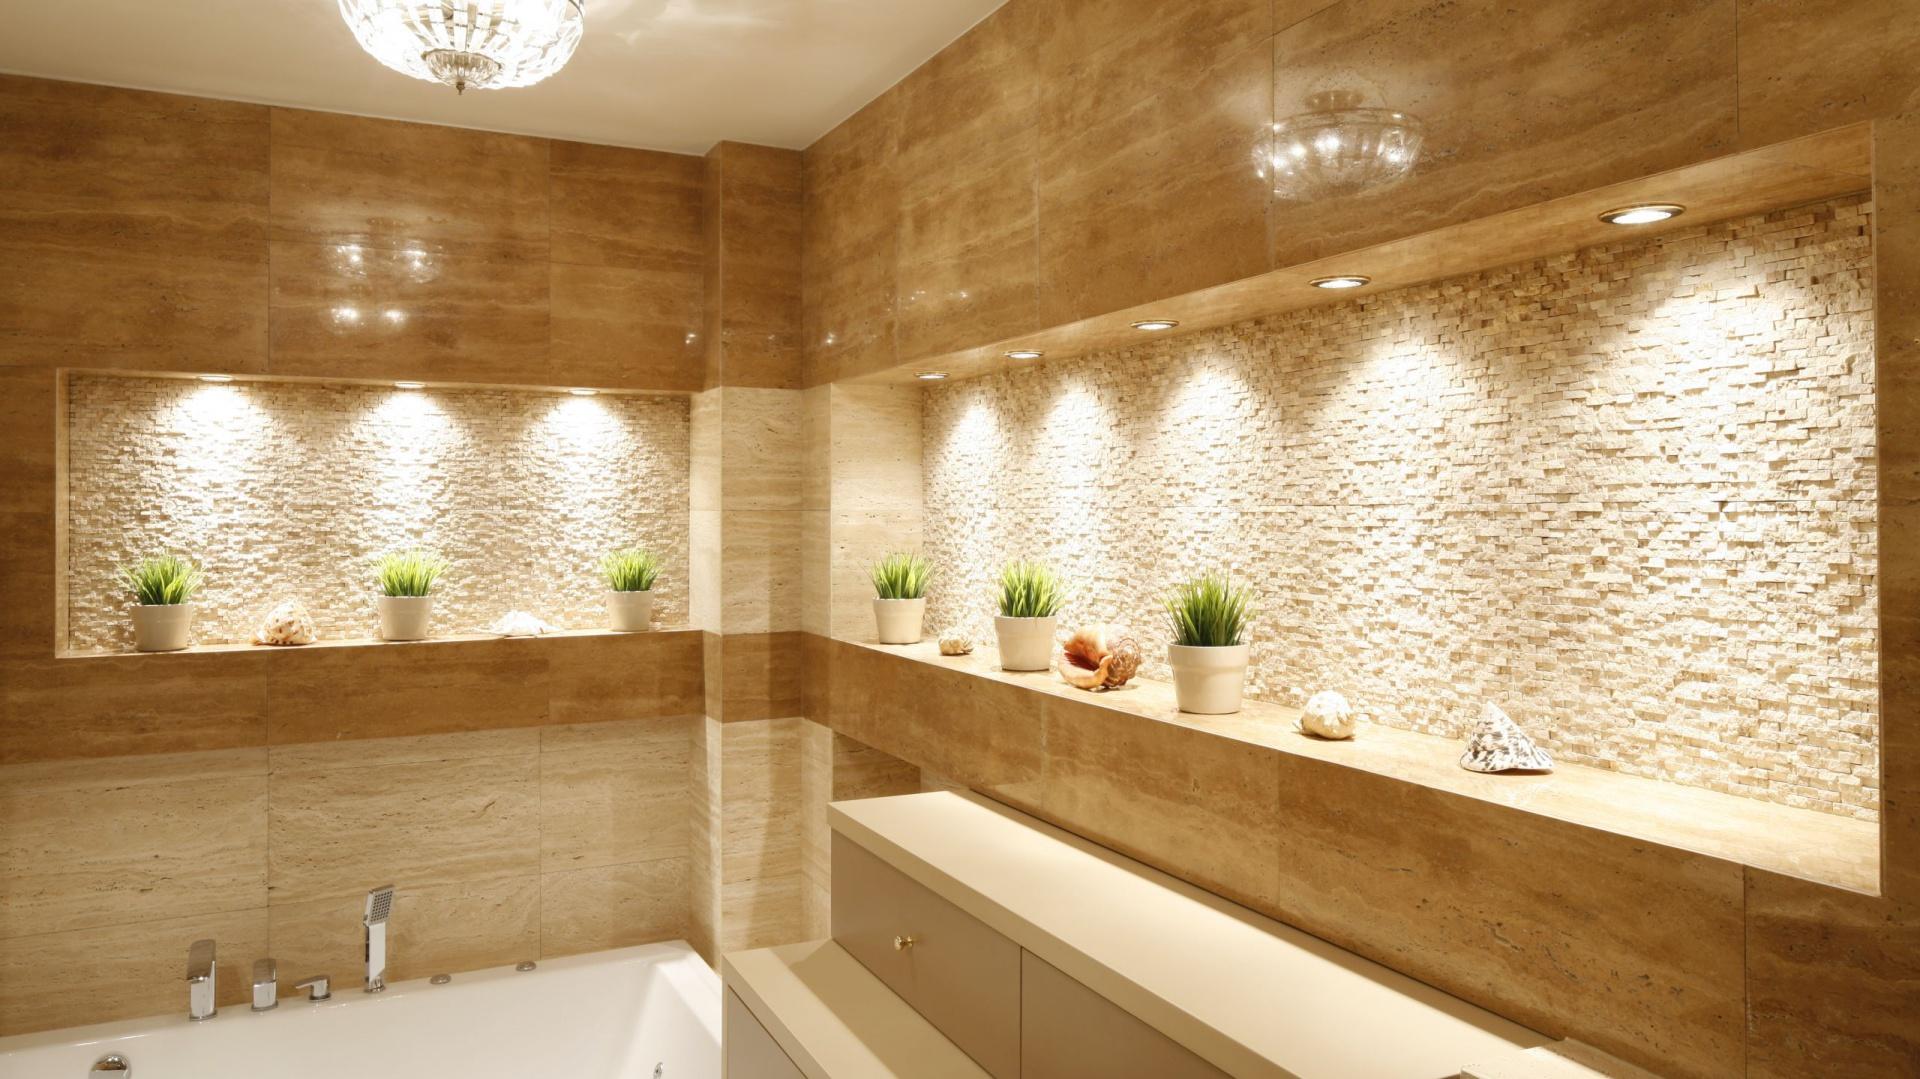 Najpiękniejsze łazienki 2014 Roku Zobacz Jak Urządzaliśmy